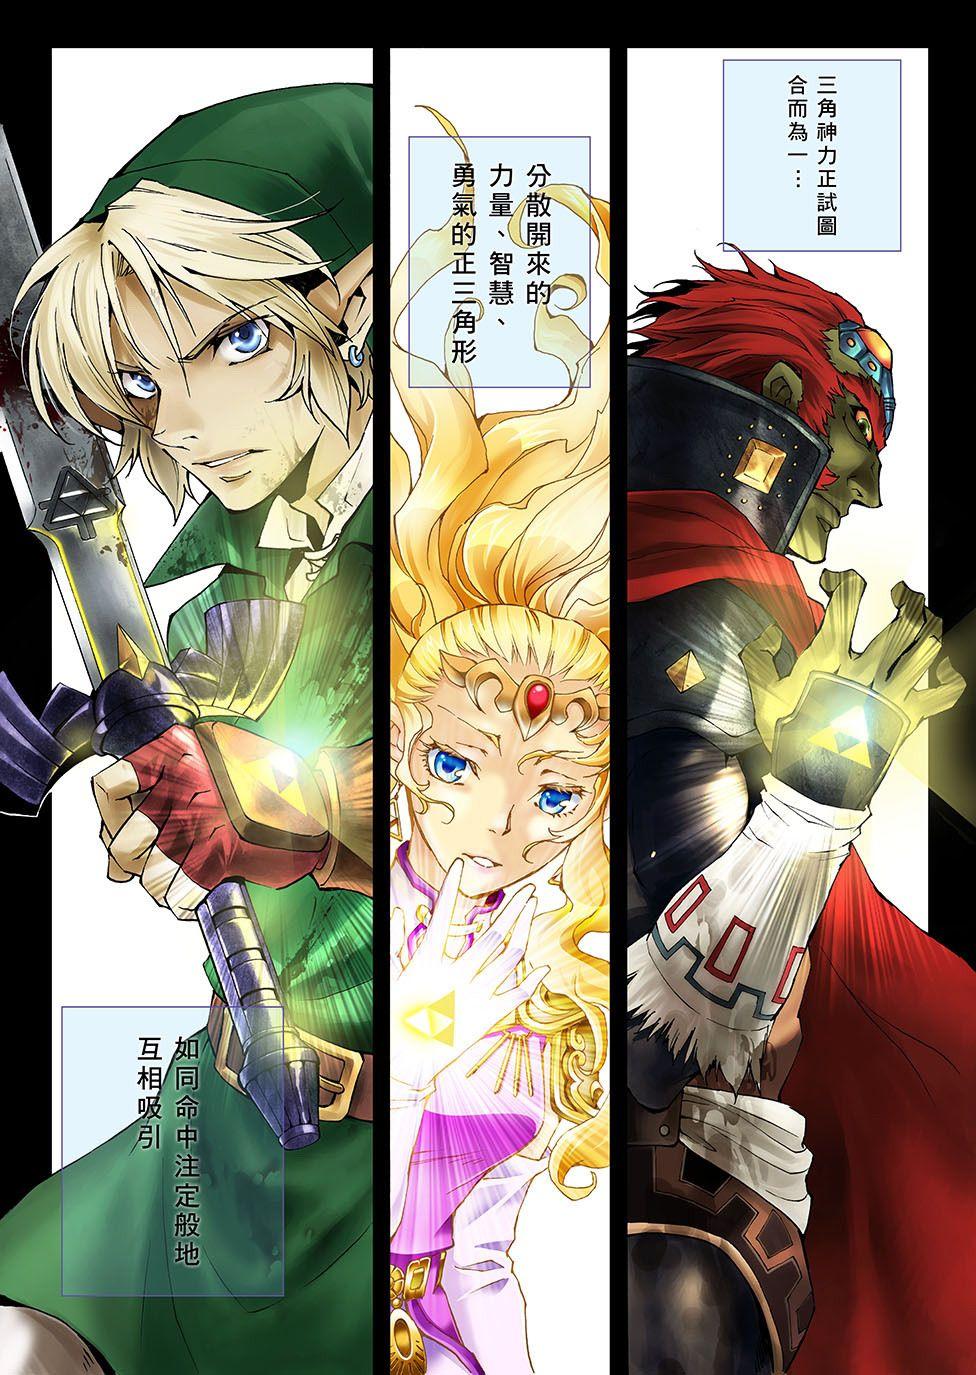 Comic book artist 姬川明(Akira Himekawa) drew 《The Legend of